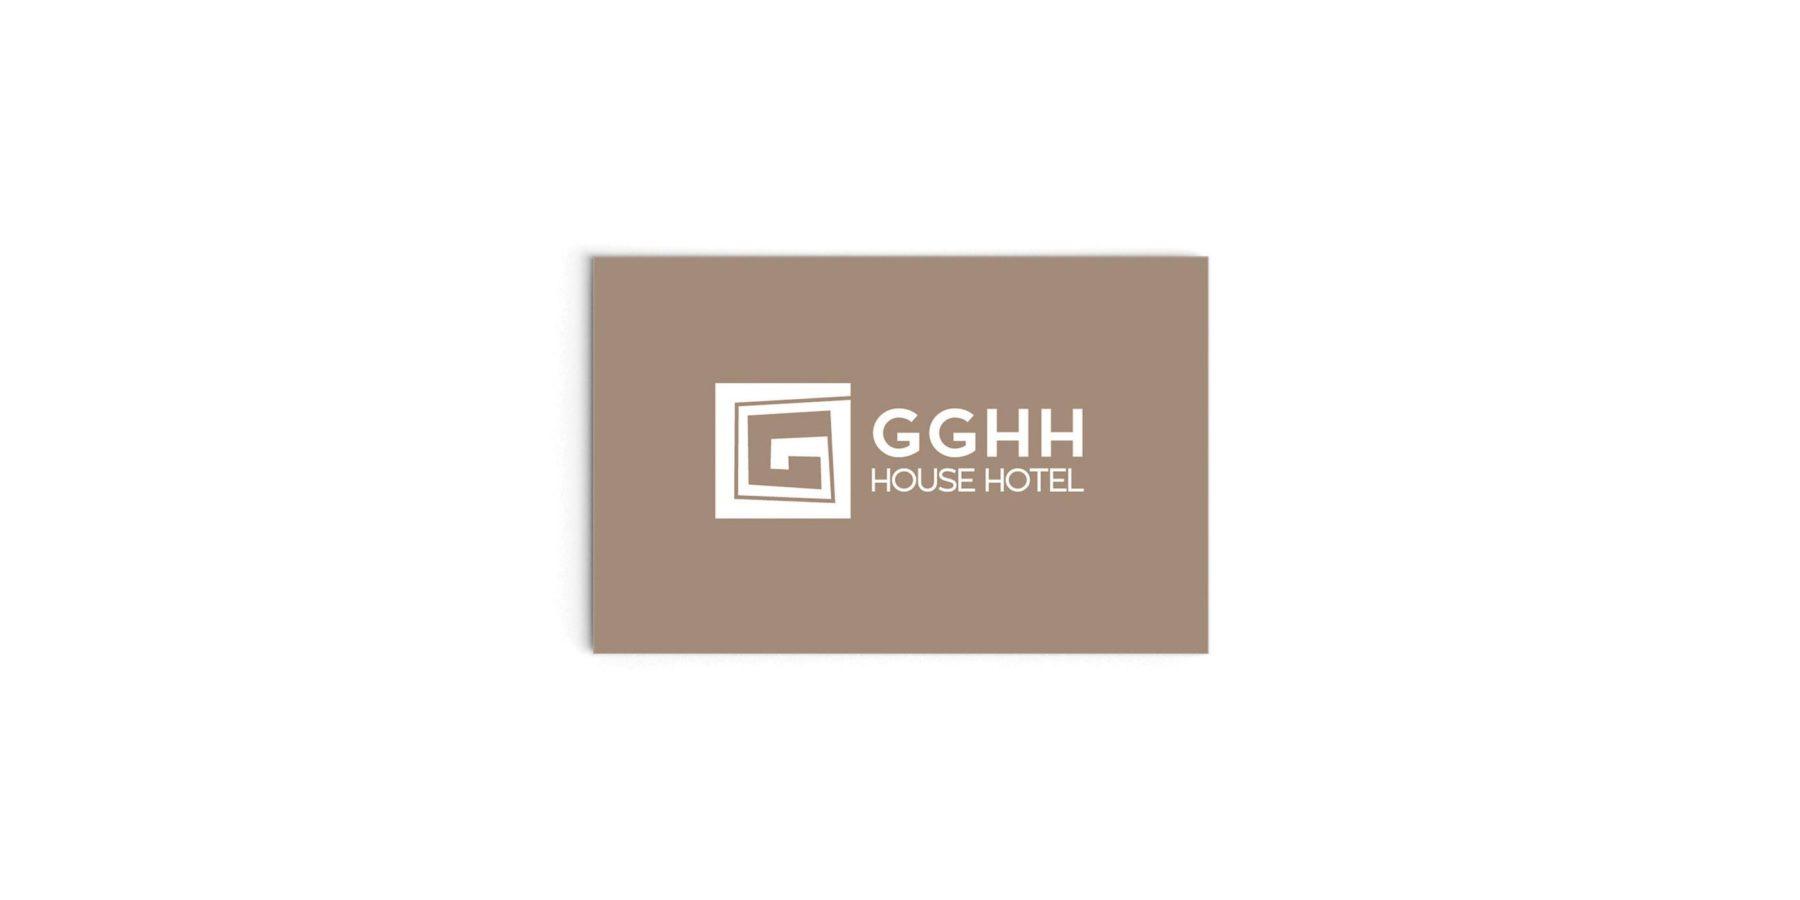 2015/ad oggi Direttore Generale GGHH House Hotel